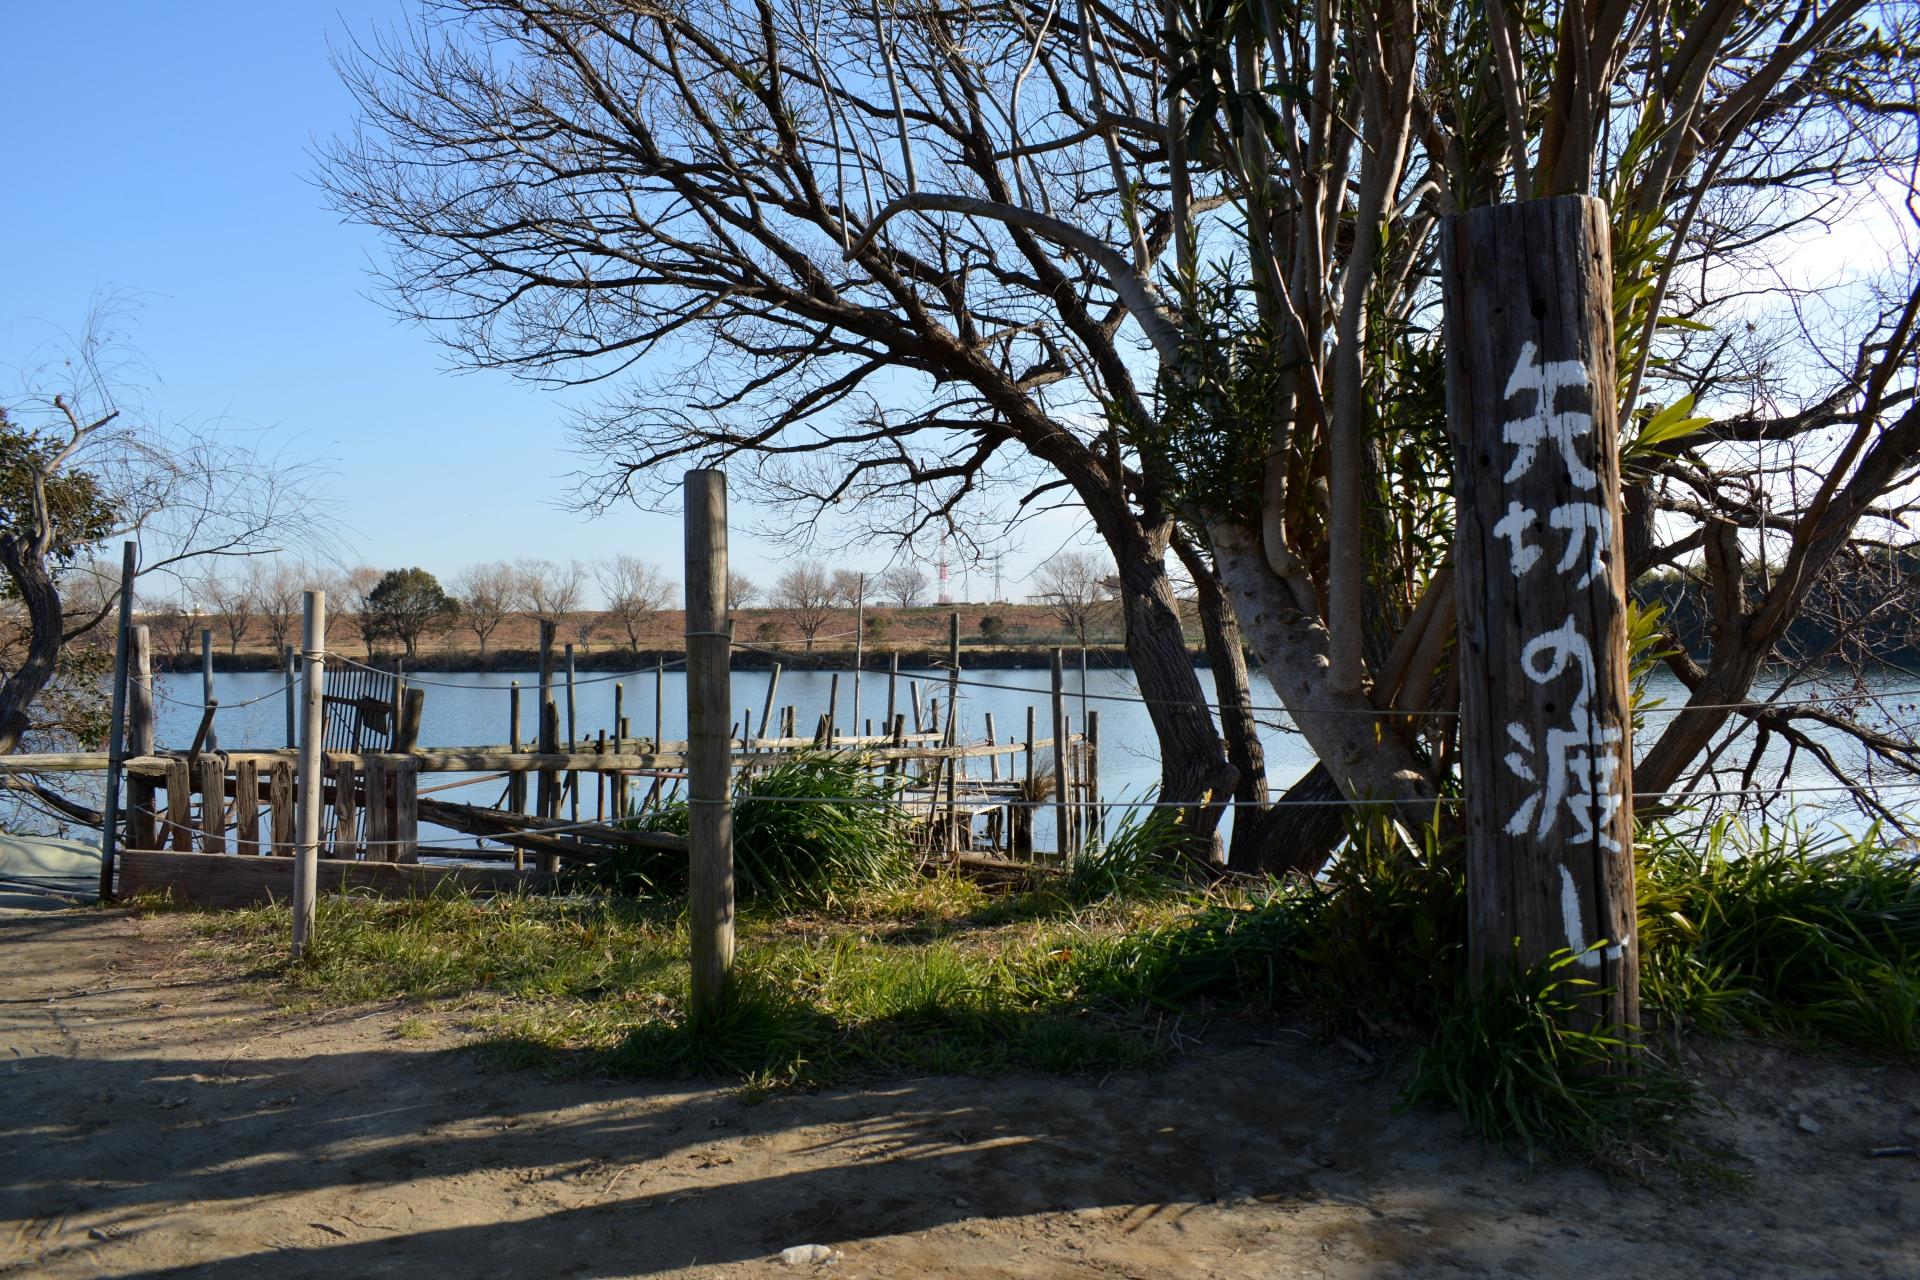 yagirinowatashi-image